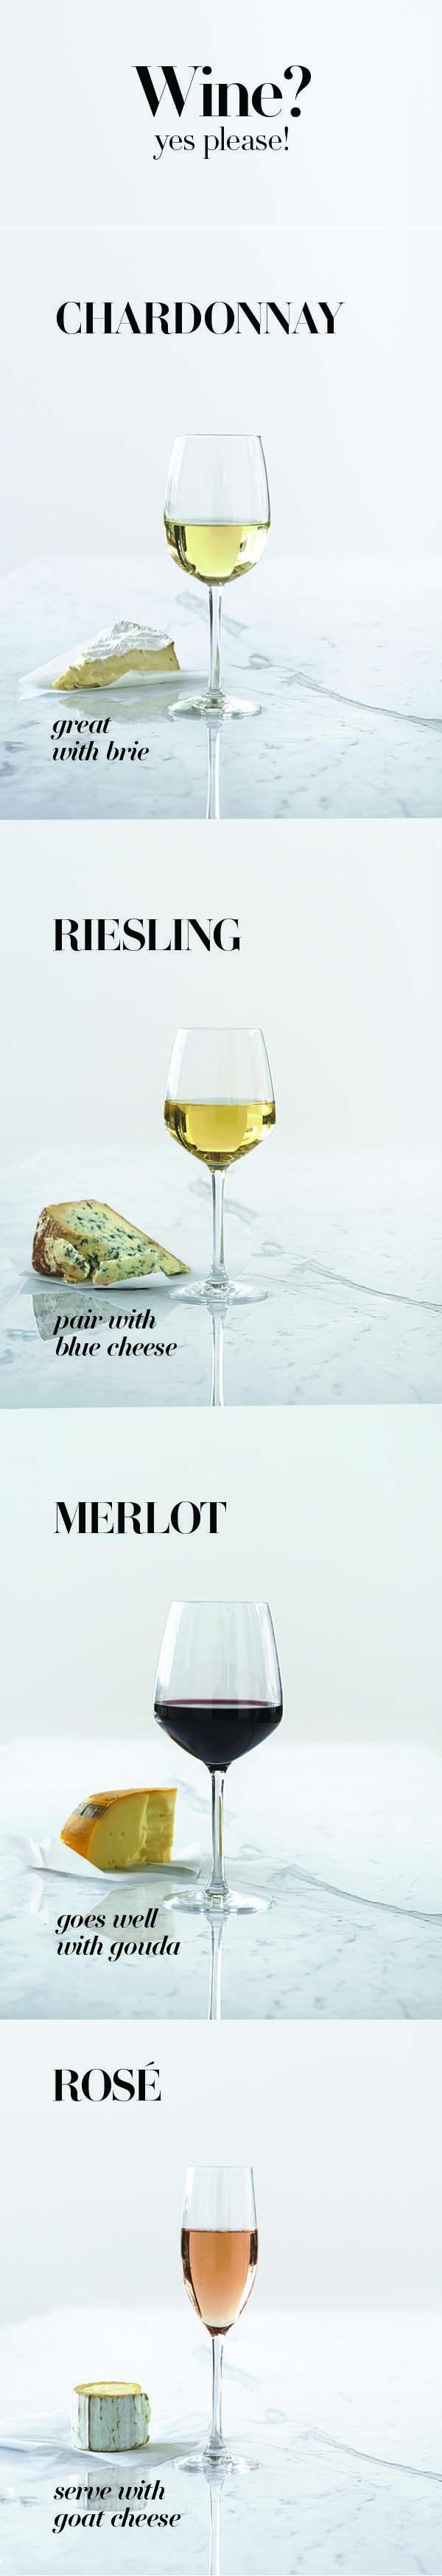 Maridajes de vinos blancos y rosados con quesos #WineLovers #AmarasElVino #Wine #WhiteWine